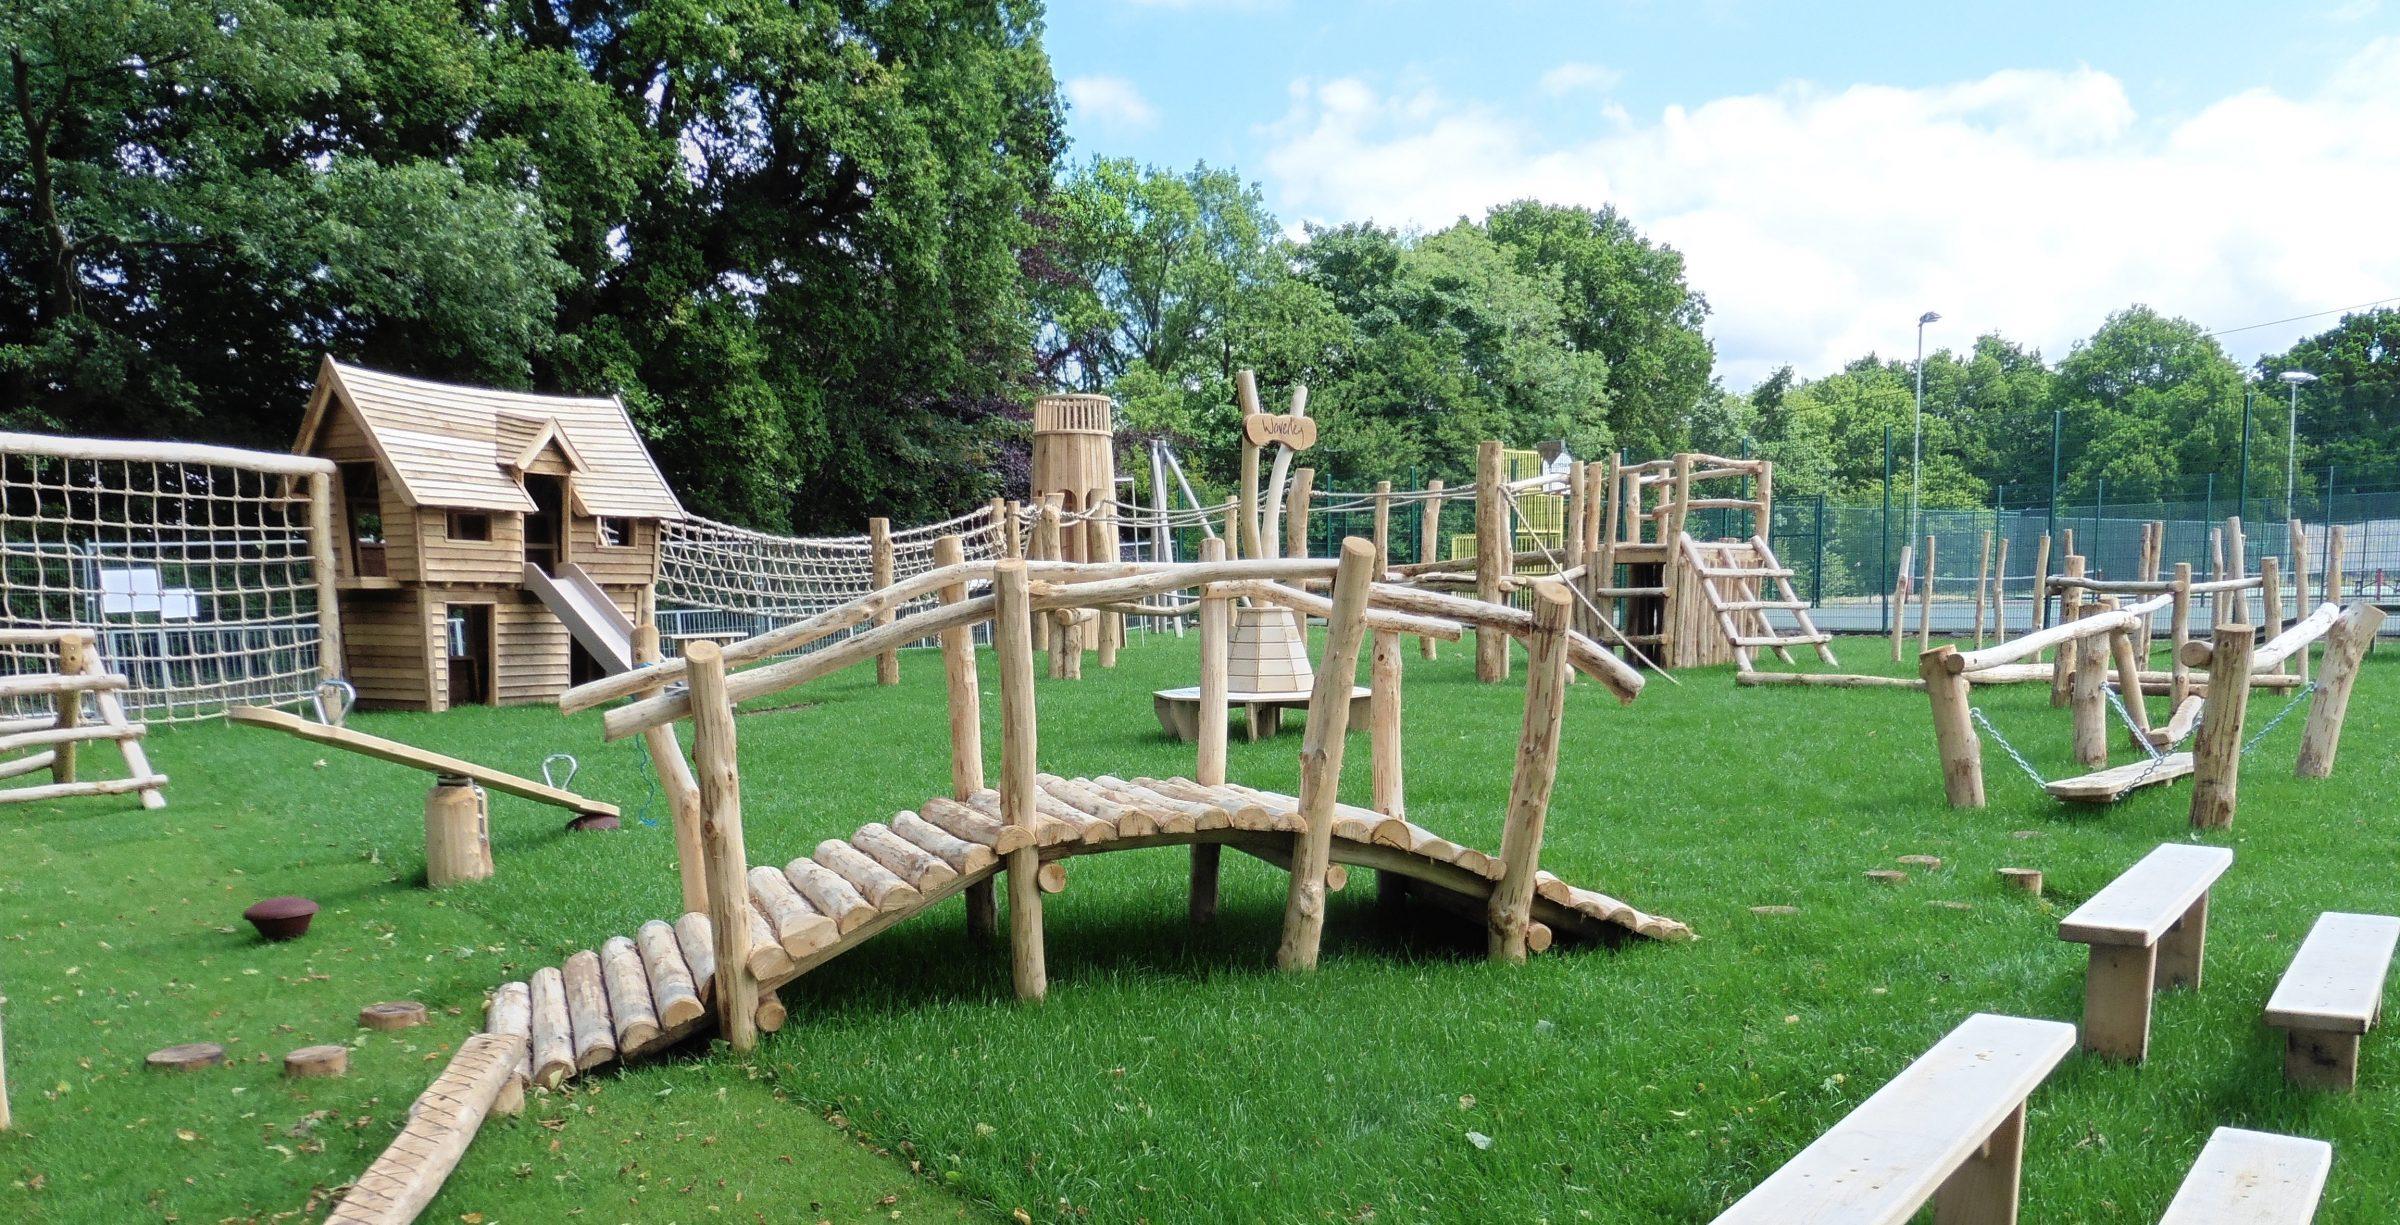 Holloway Hill Outdoor Play Area | Flights of Fantasy